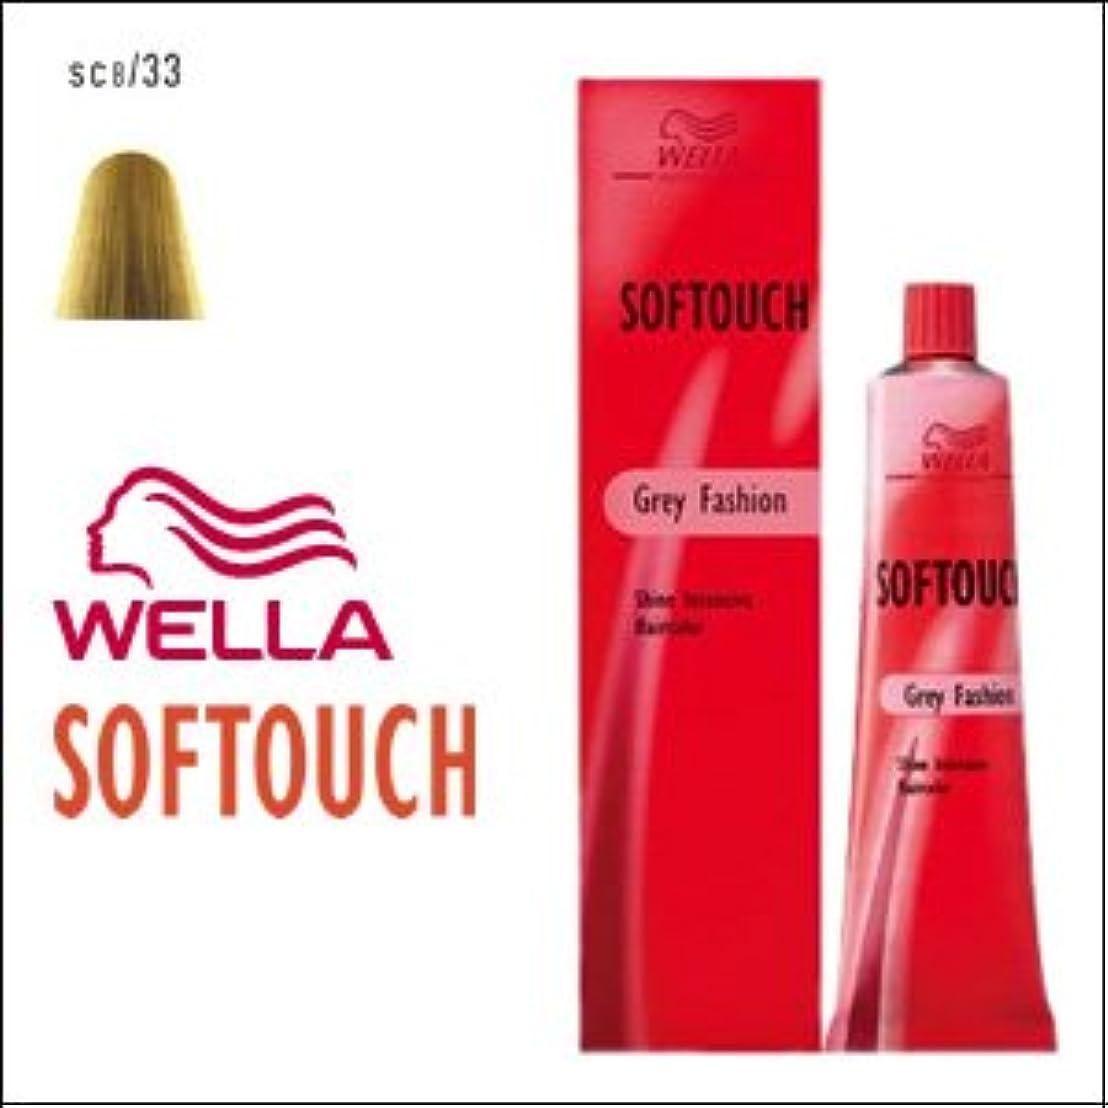 乳製品前提条件内側ウエラ ヘアカラー ソフタッチ SC8/33 60g